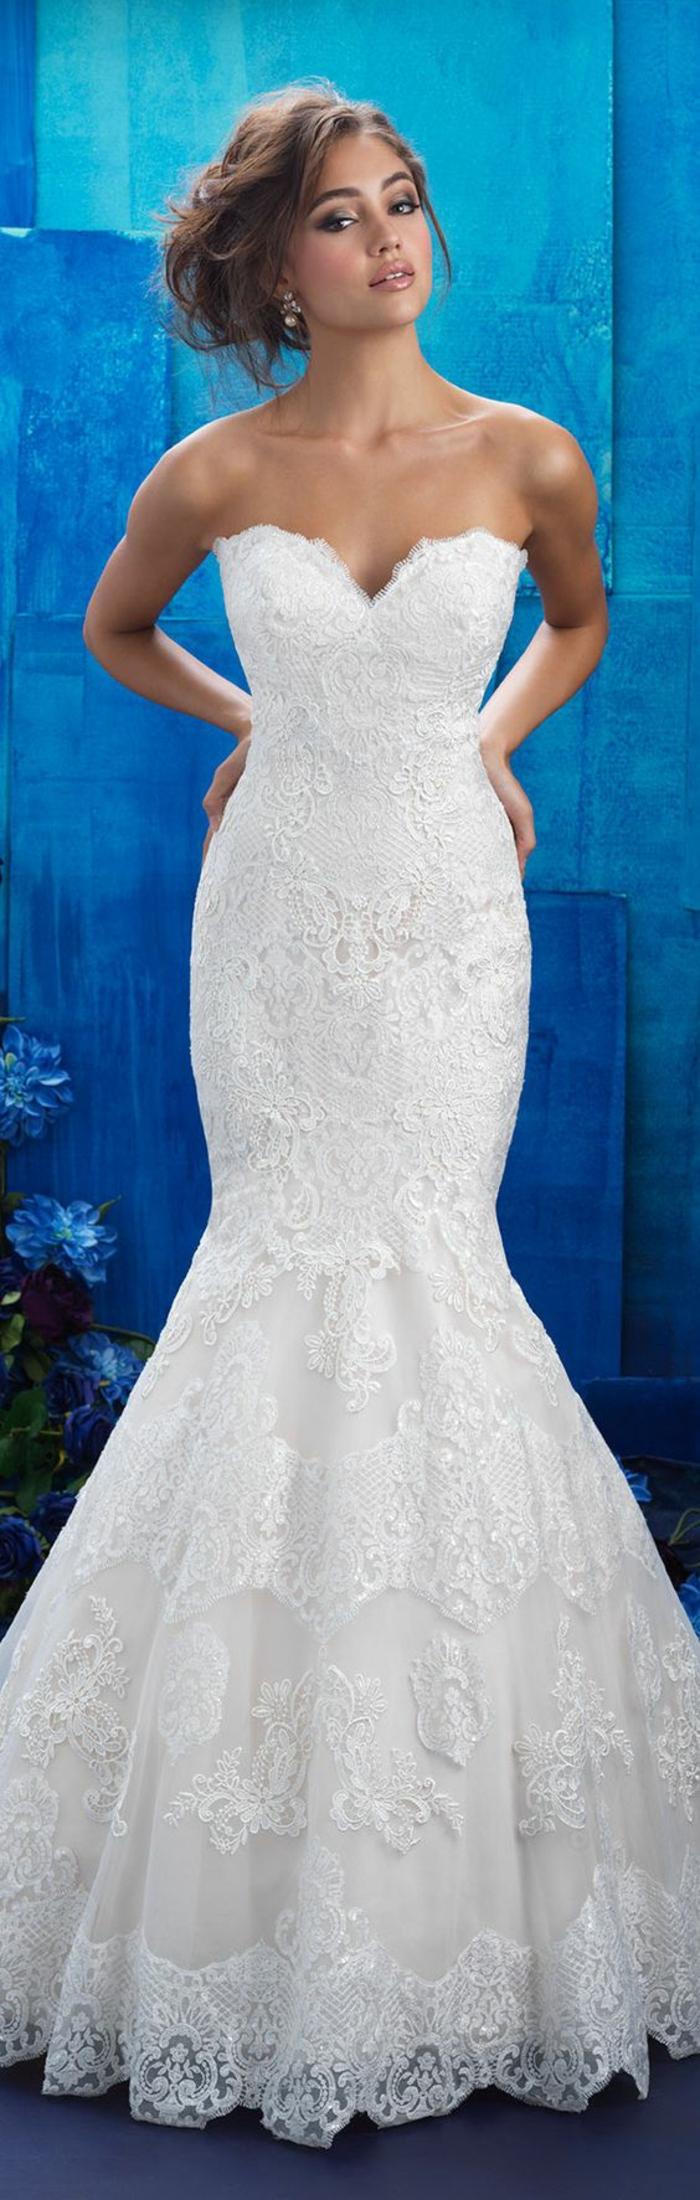 une robe de sirène à bustier coeur pour un côté chic, robe de mariée moulante évasée vers le bas